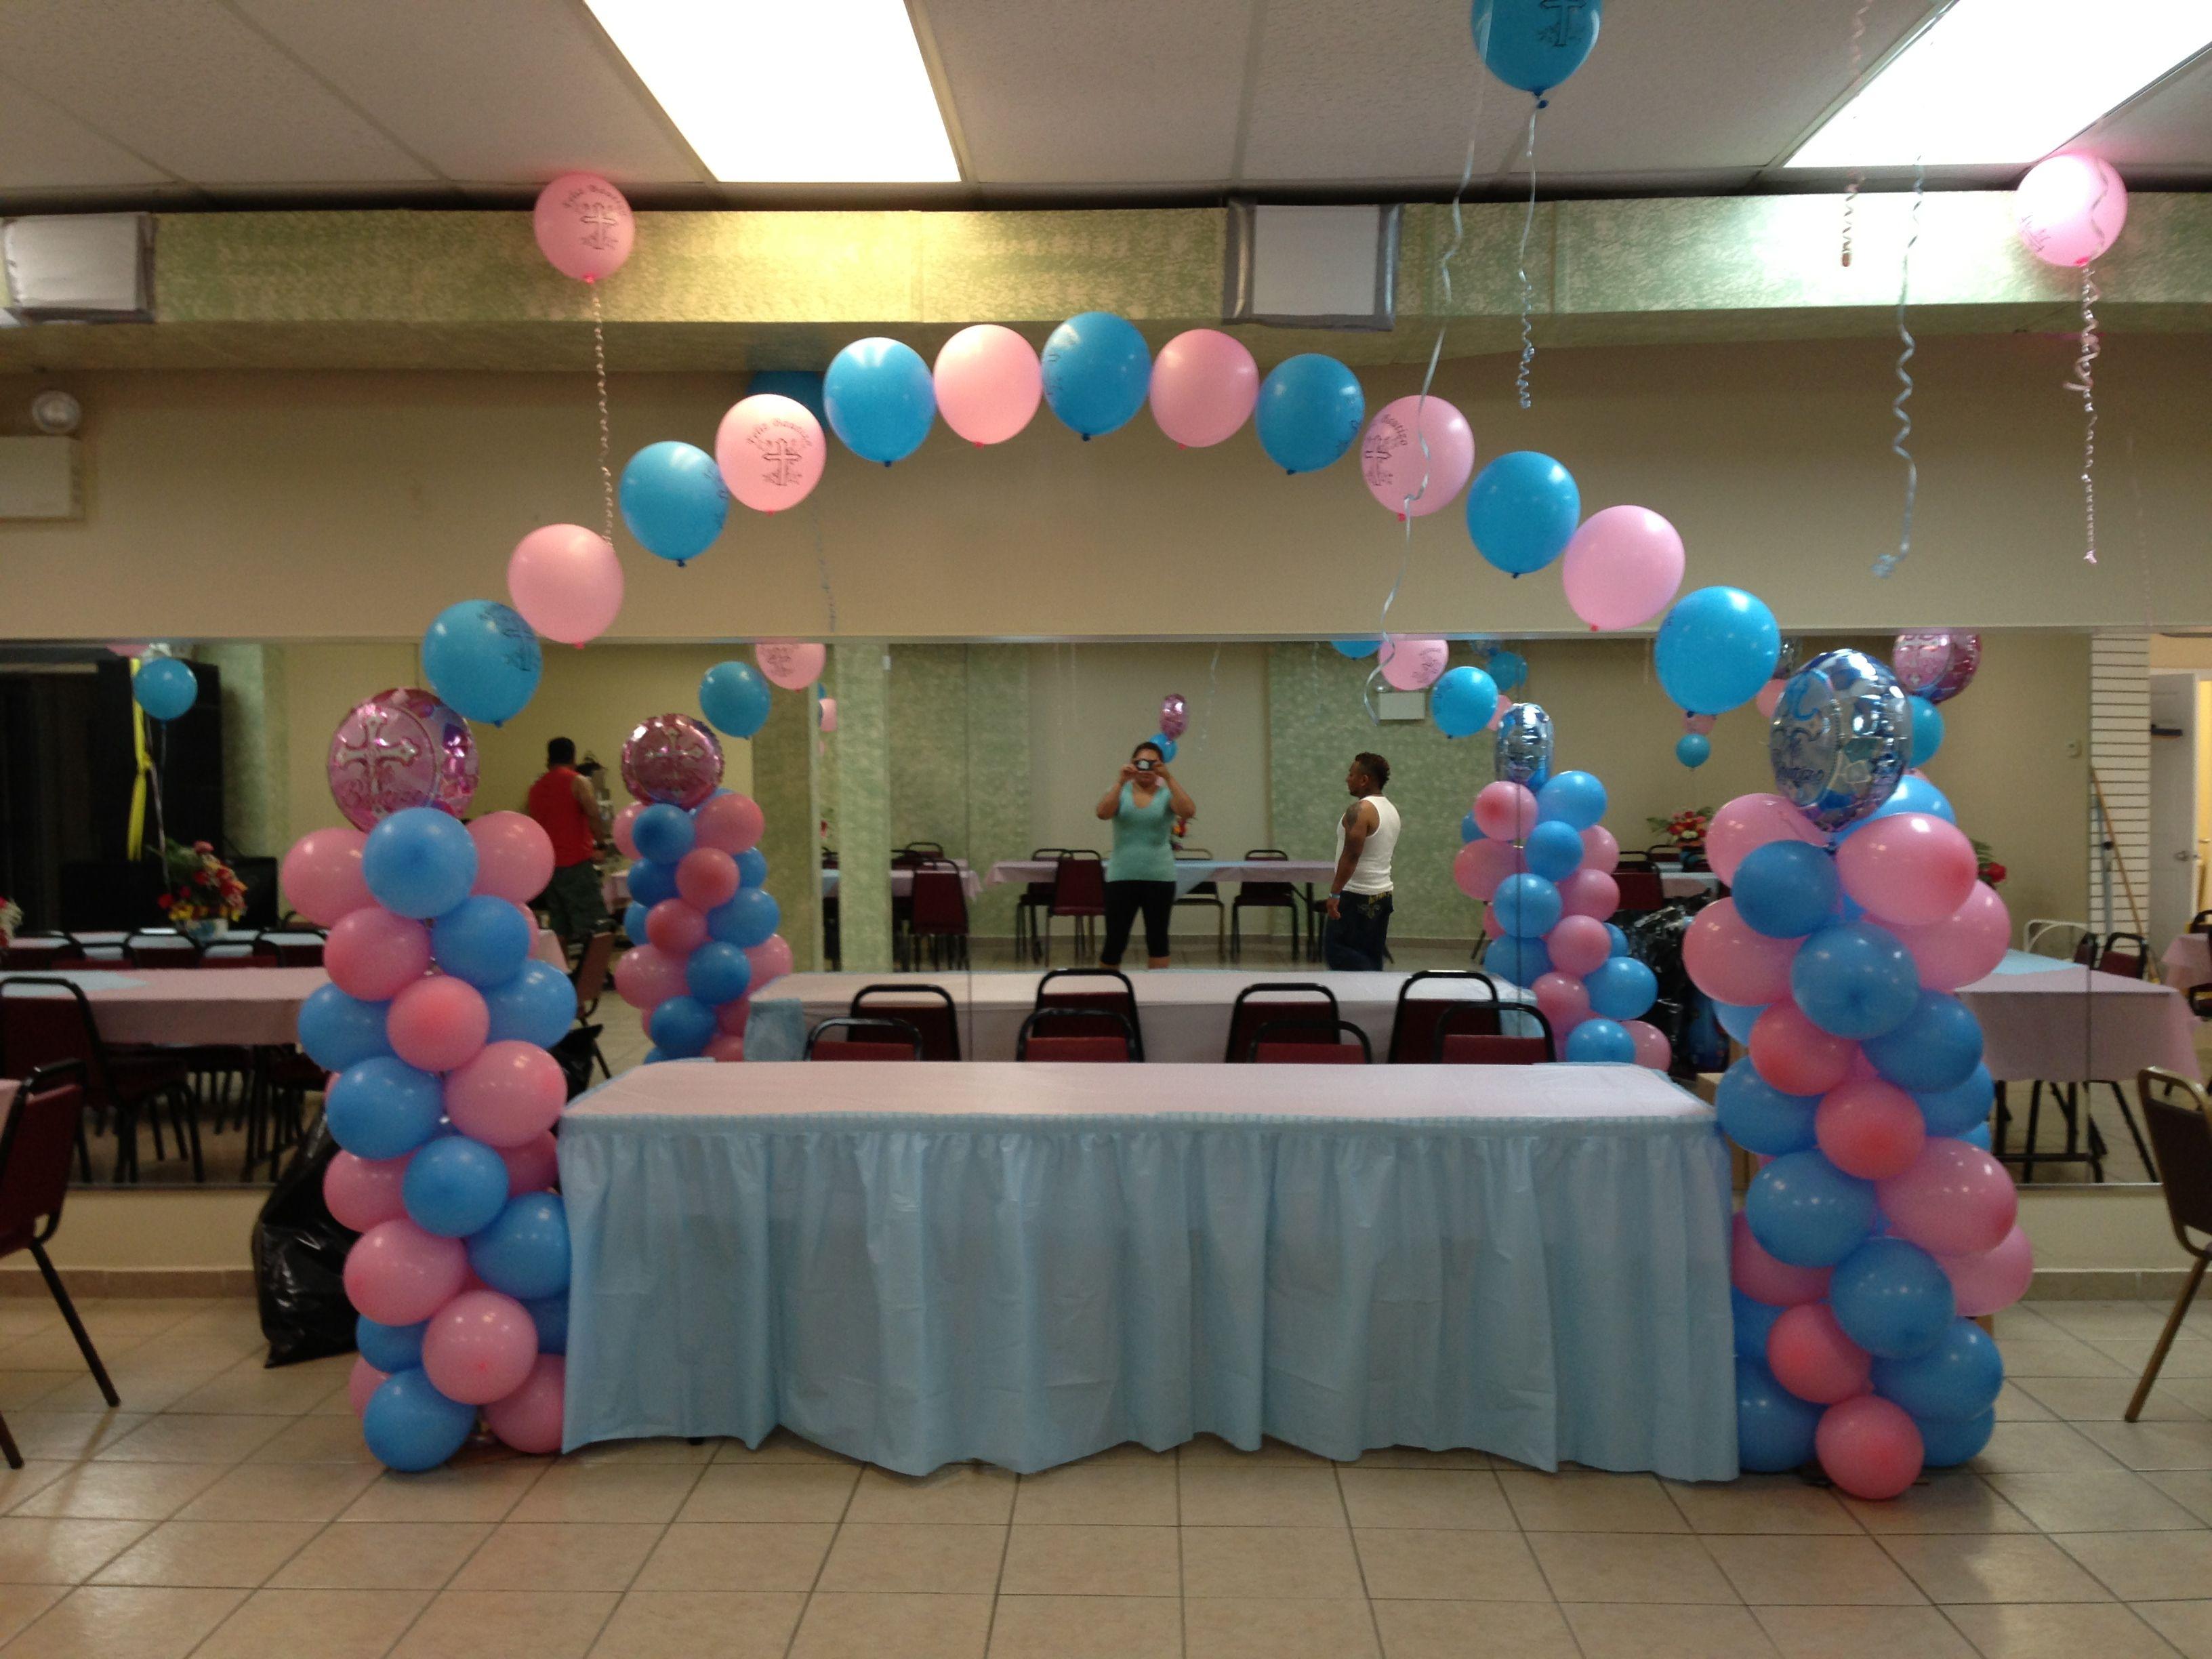 Decoraci n con globos color rosa y azul cielo para ni o y for Decoracion de cielo